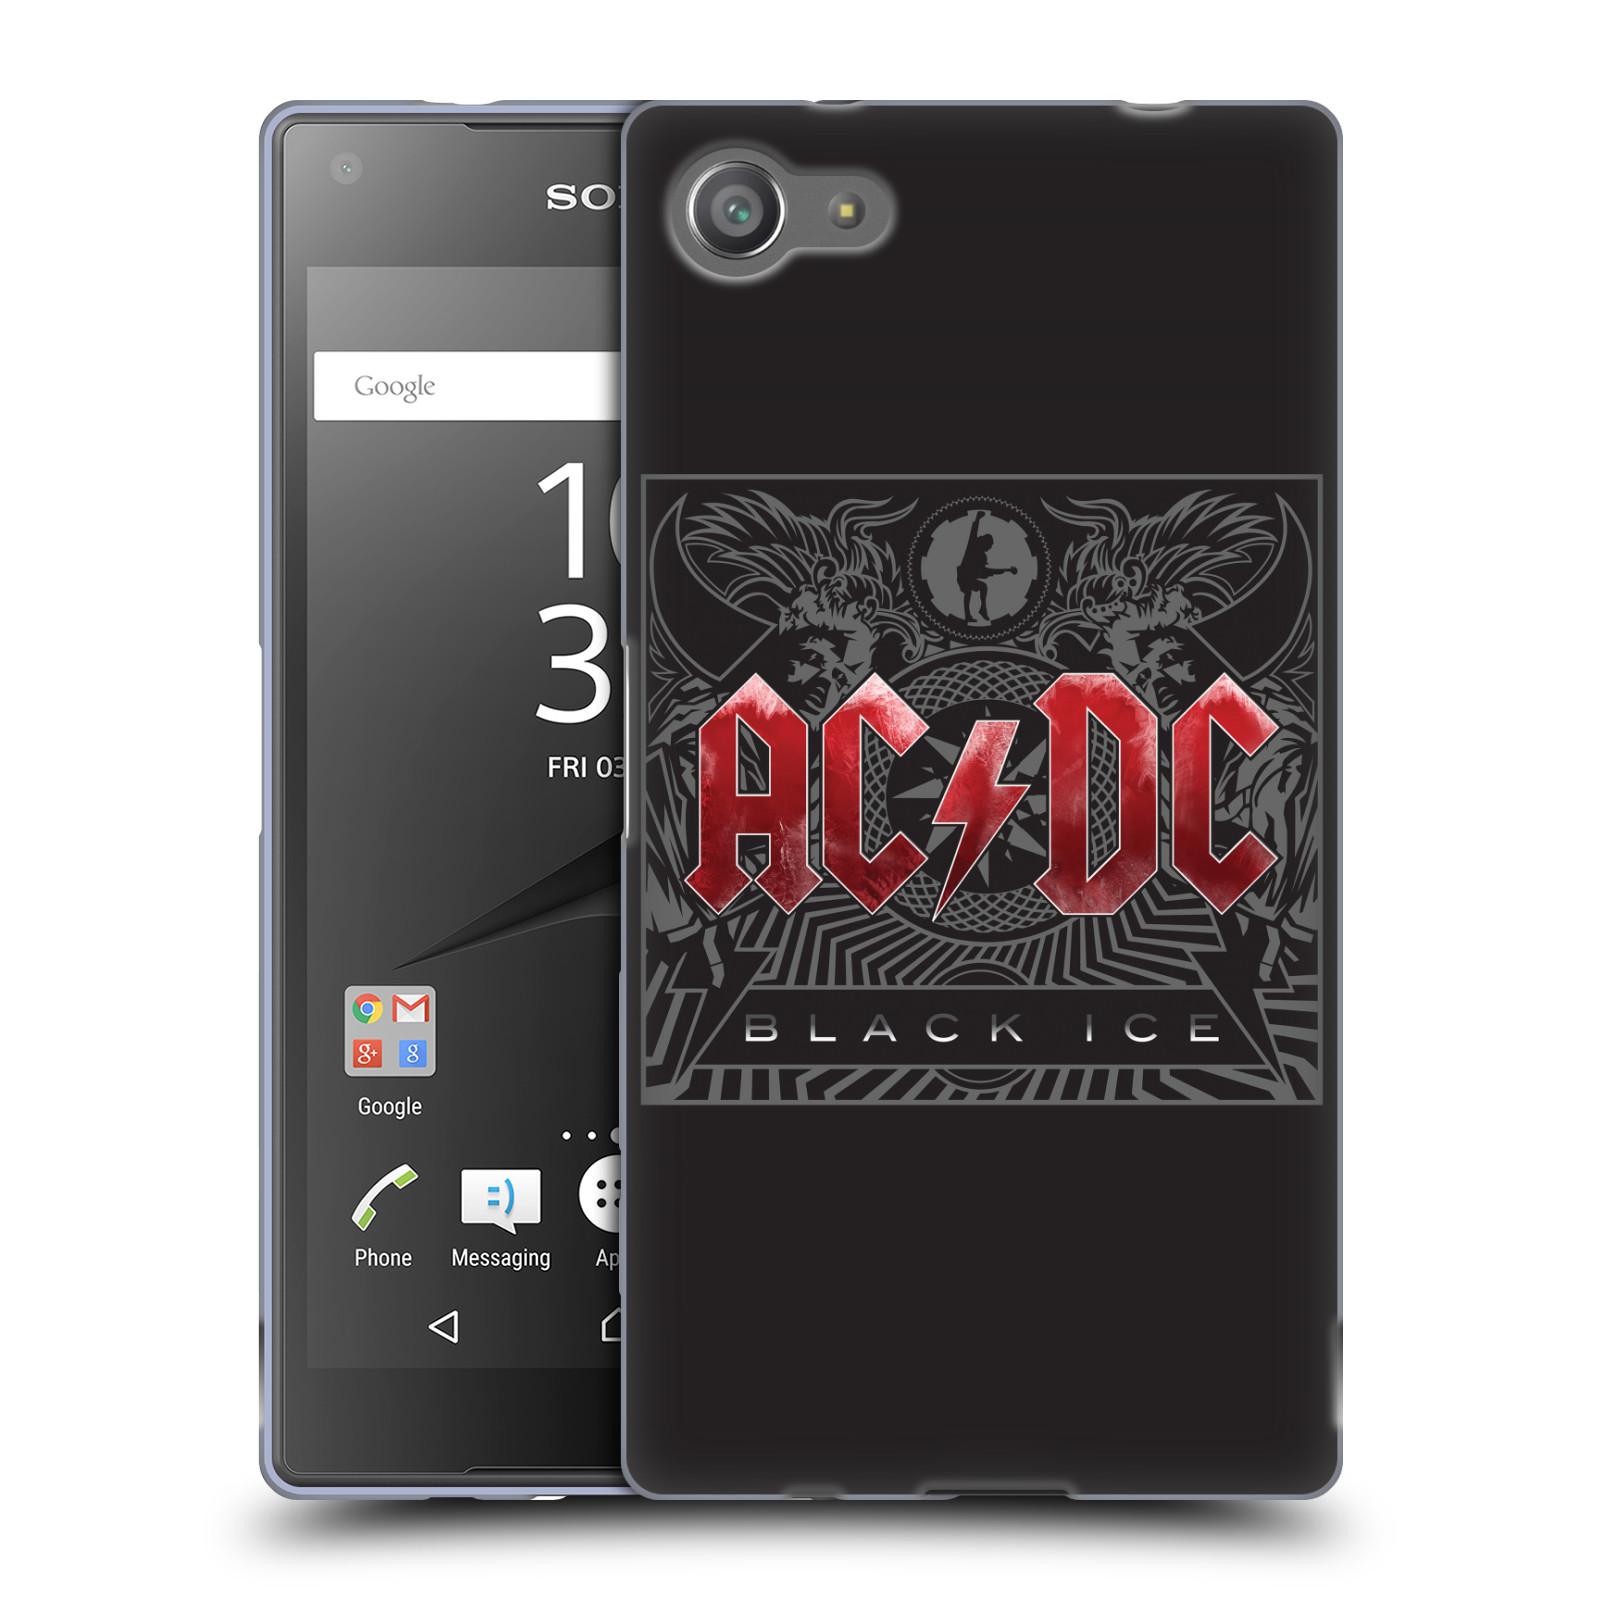 Silikonové pouzdro na mobil Sony Xperia Z5 Compact HEAD CASE AC/DC Black Ice